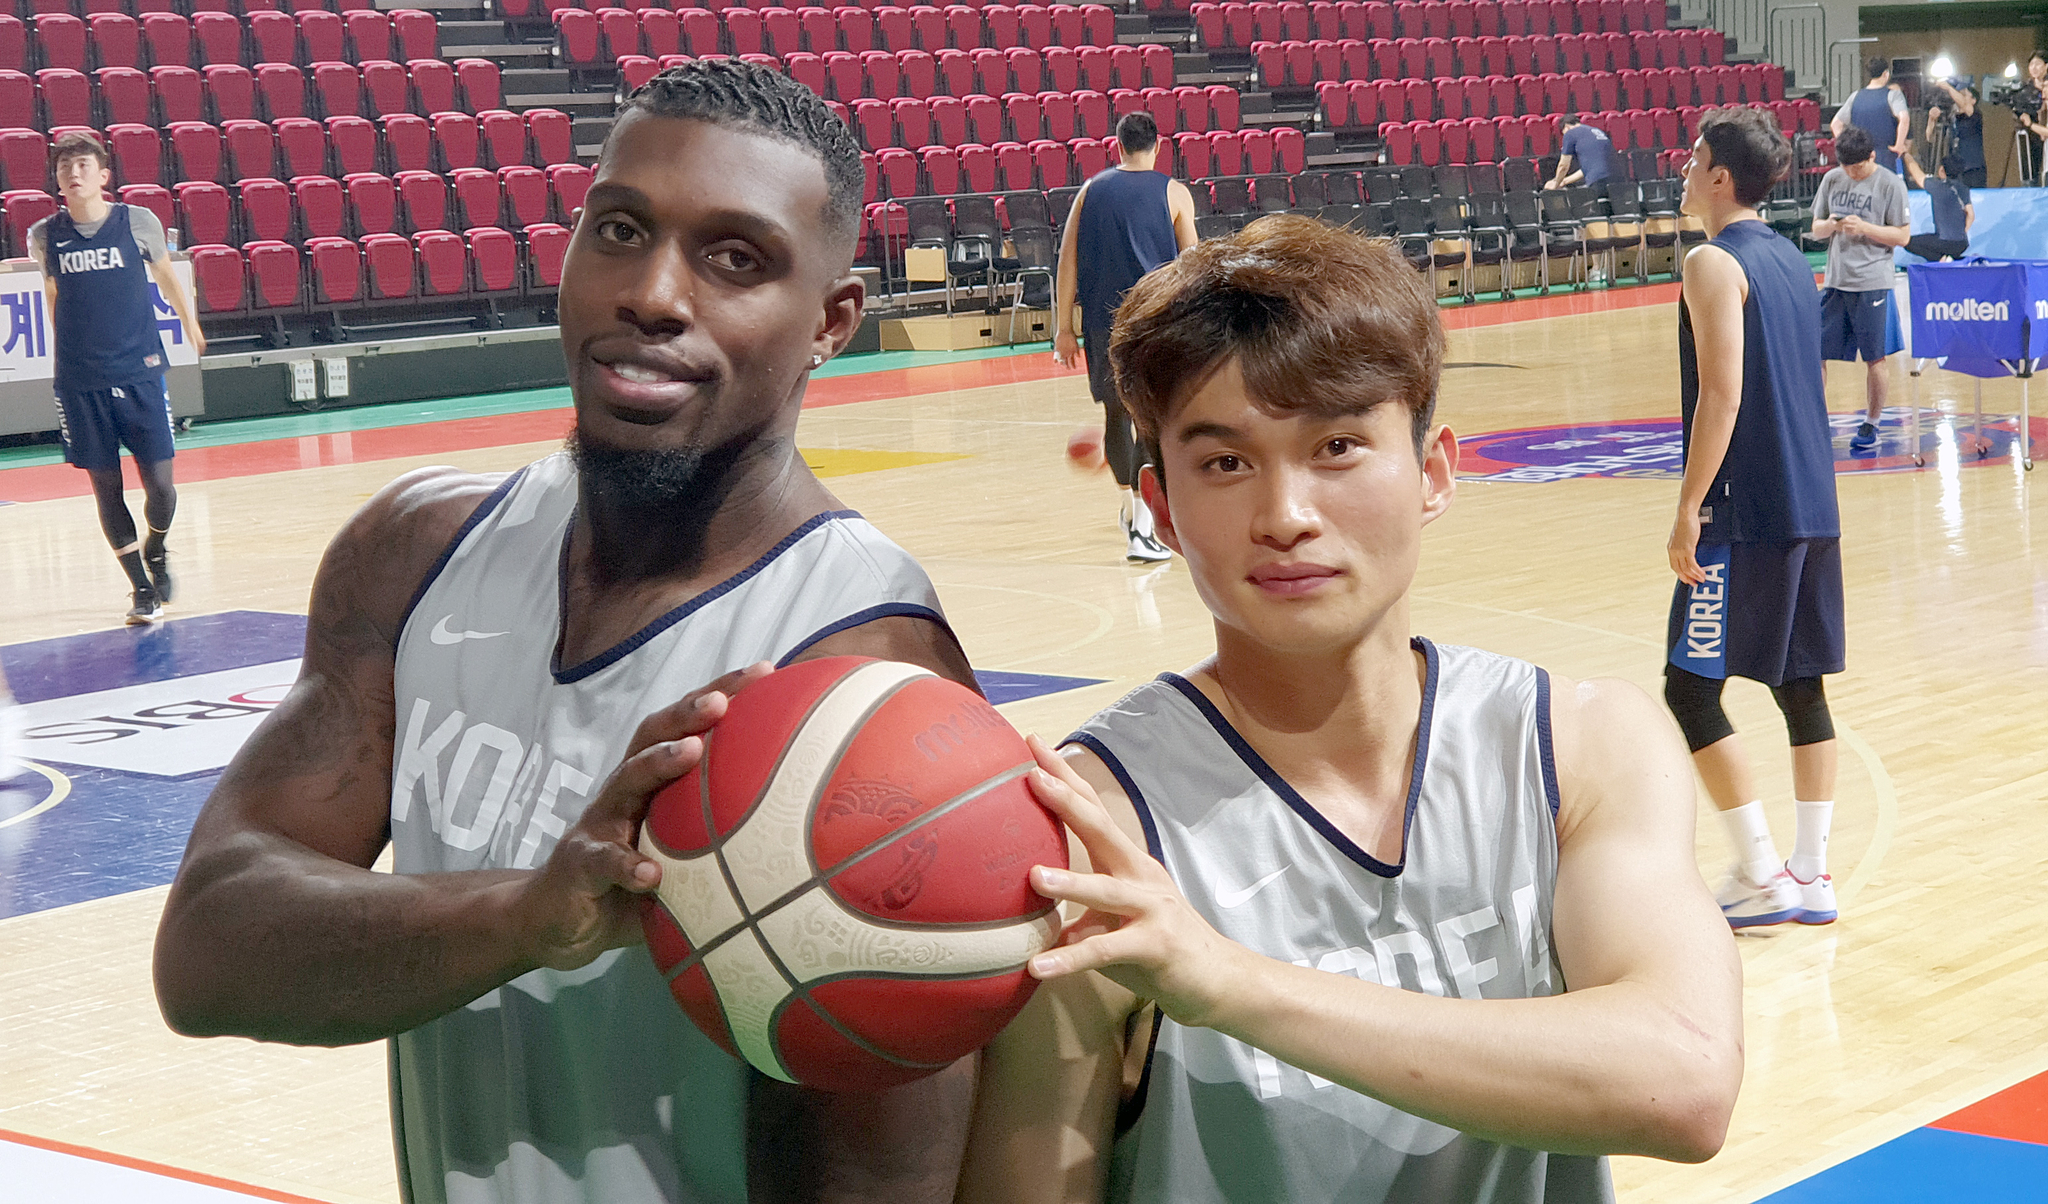 농구국가대표팀에서 호흡을 맞춘 이대성(오른쪽)과 라건아. 두 선수는 대형트레이드로 현대모비스를 떠나 KCC로 향한다. 강정현 기자